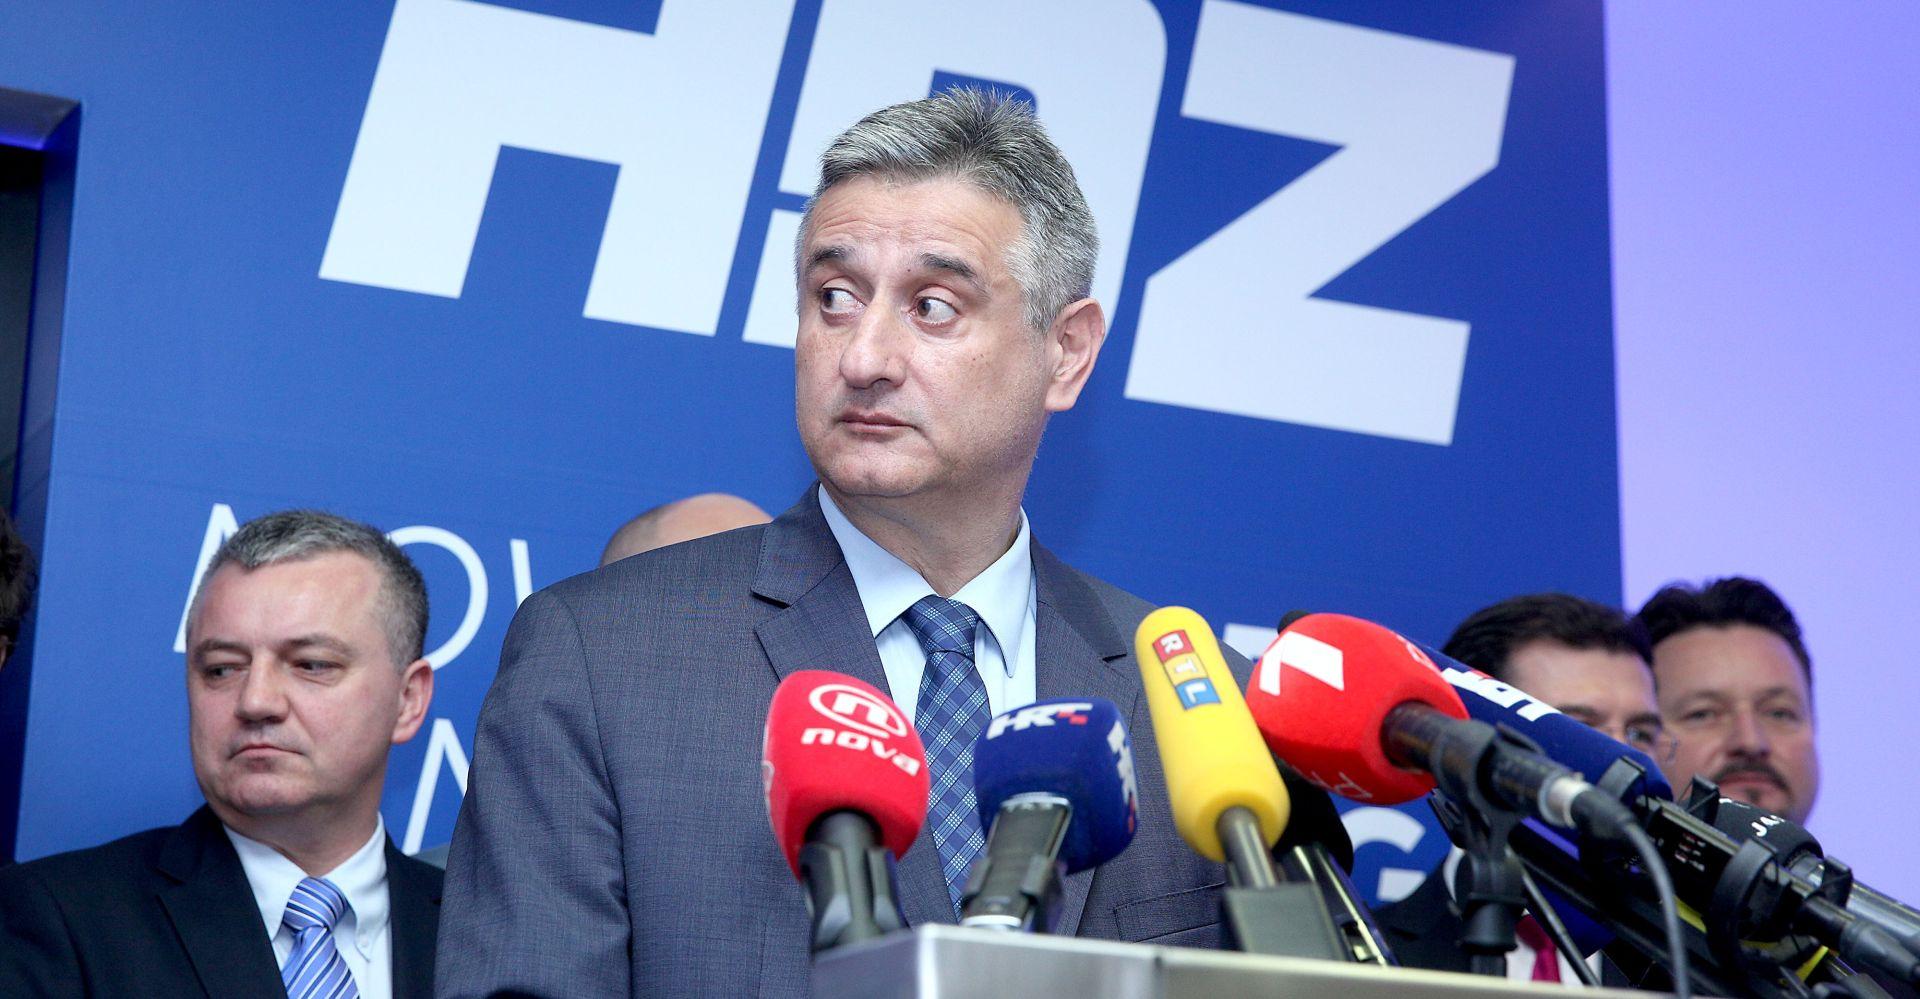 STRANE AGENCIJE O VRHUNCU POLITIČKE KRIZE U HRVATSKOJ Vladajuća stranka protiv premijera